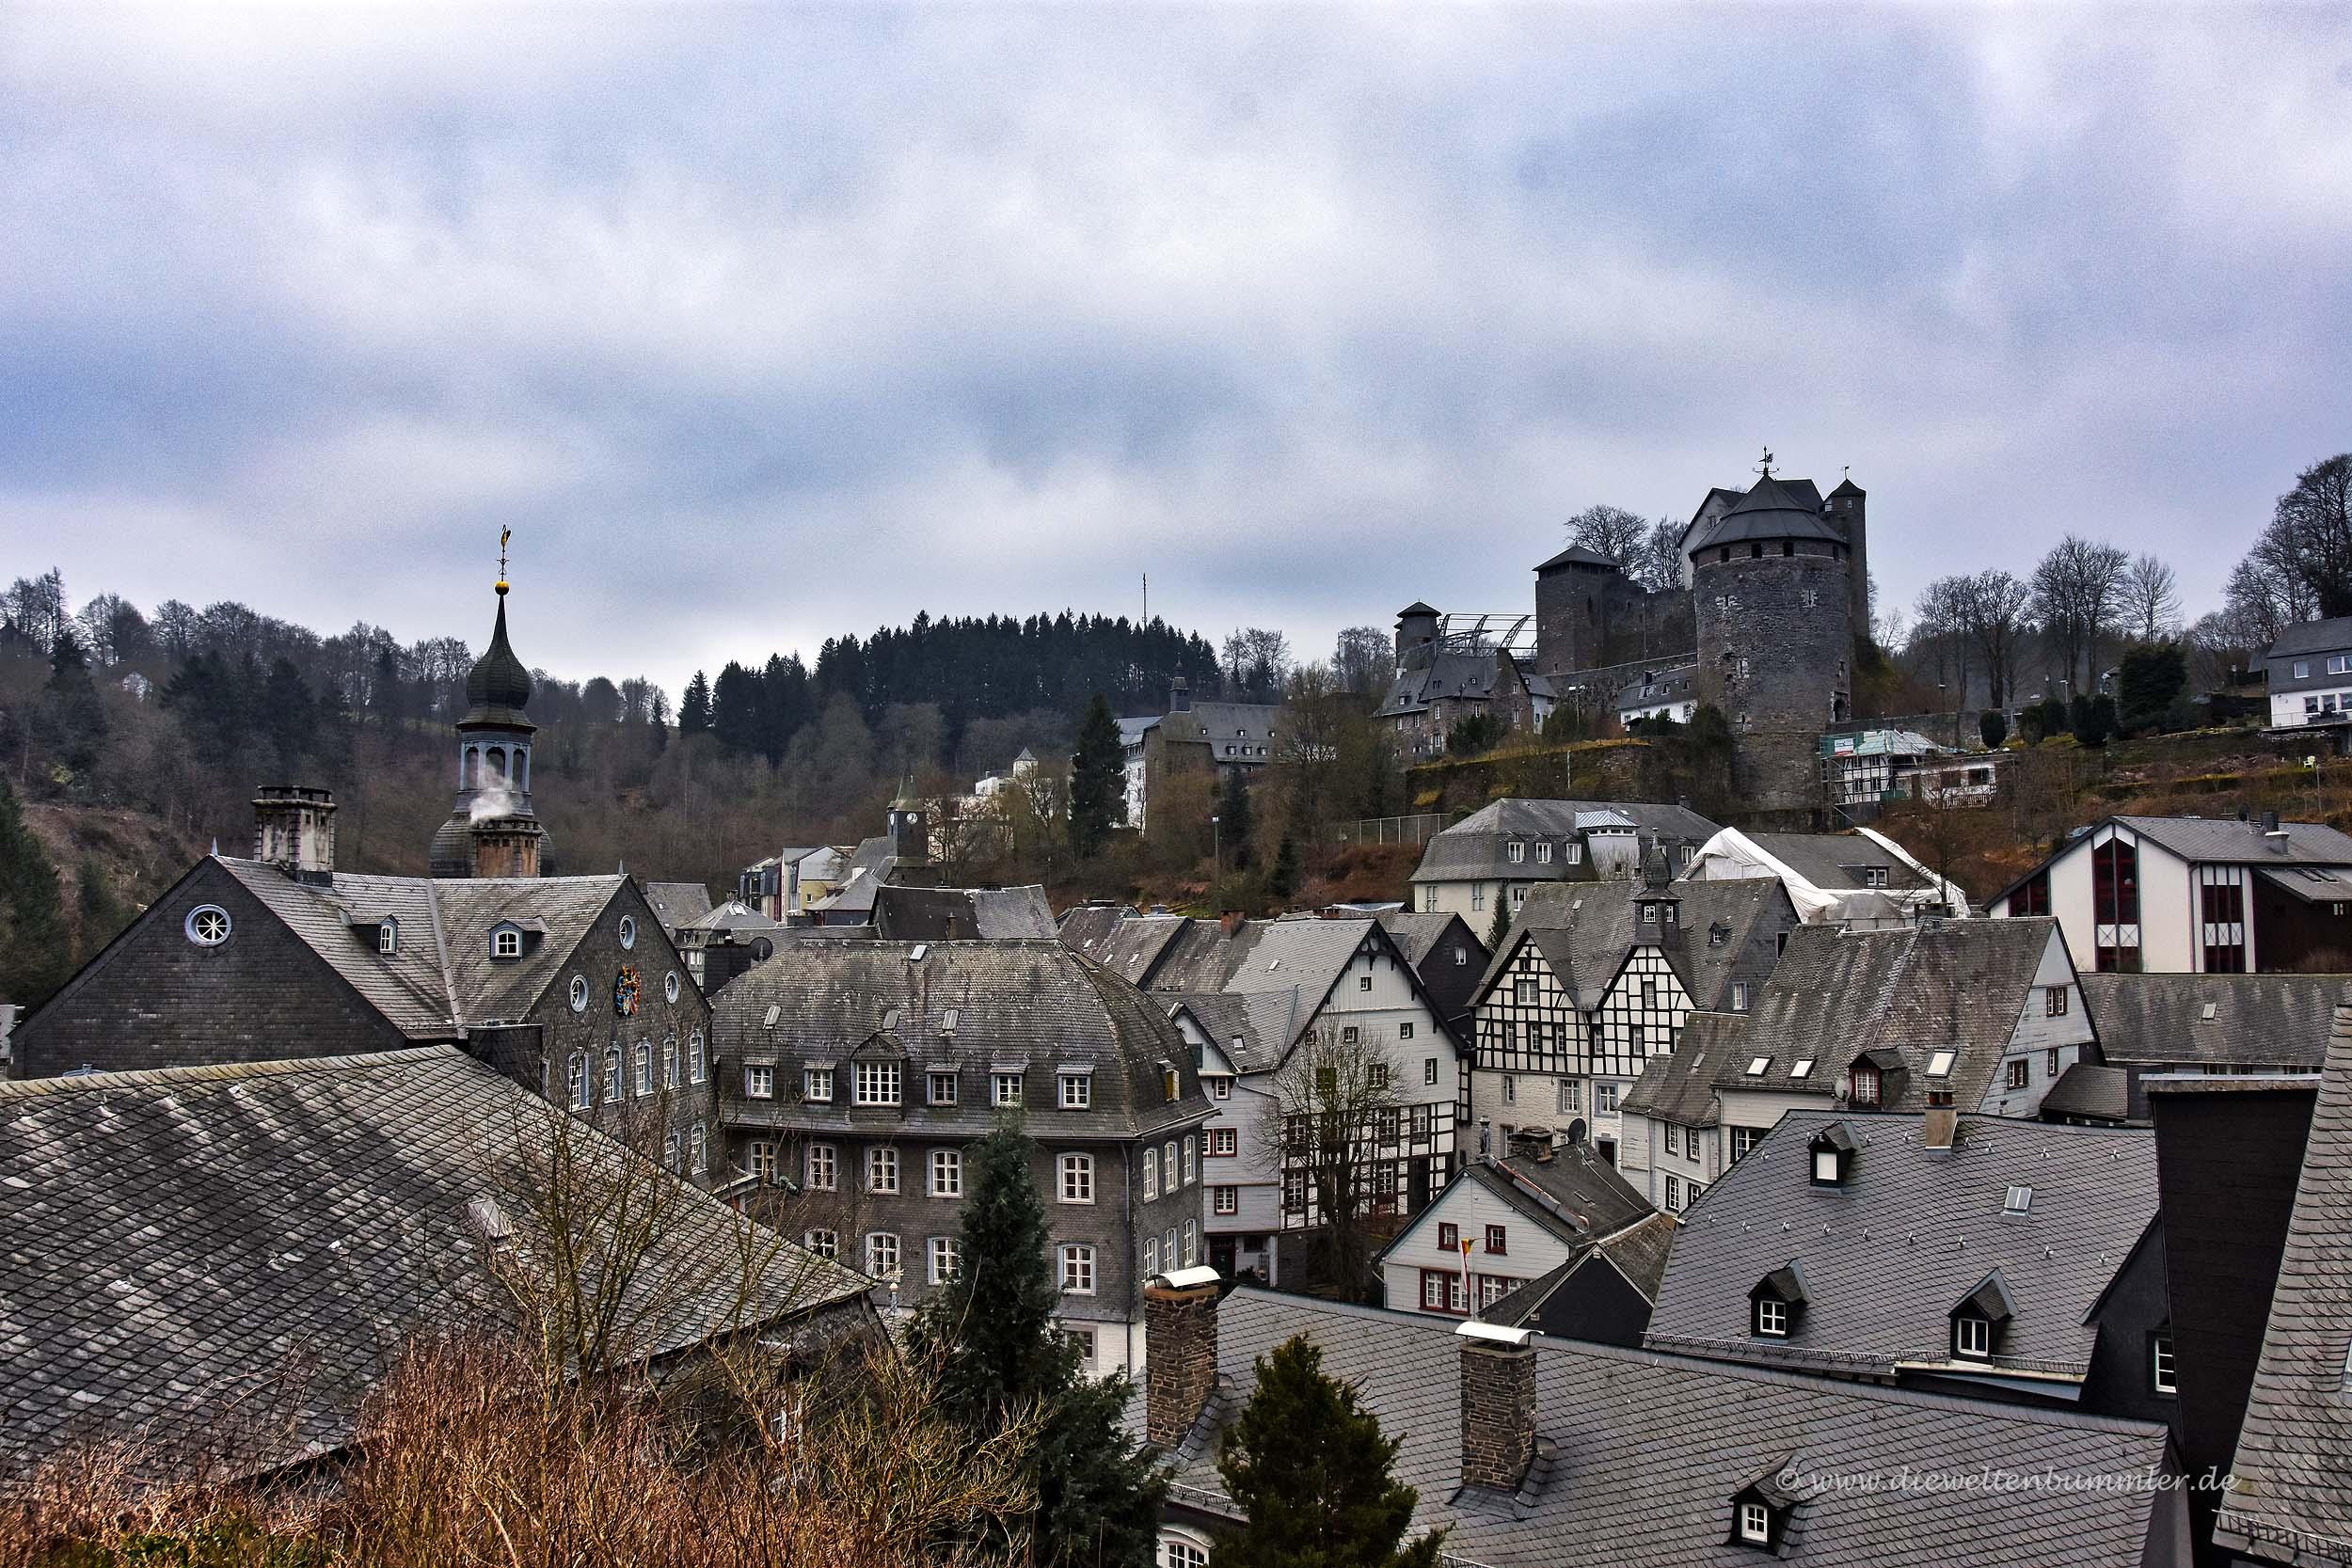 Blick über die Dächer von Monschau